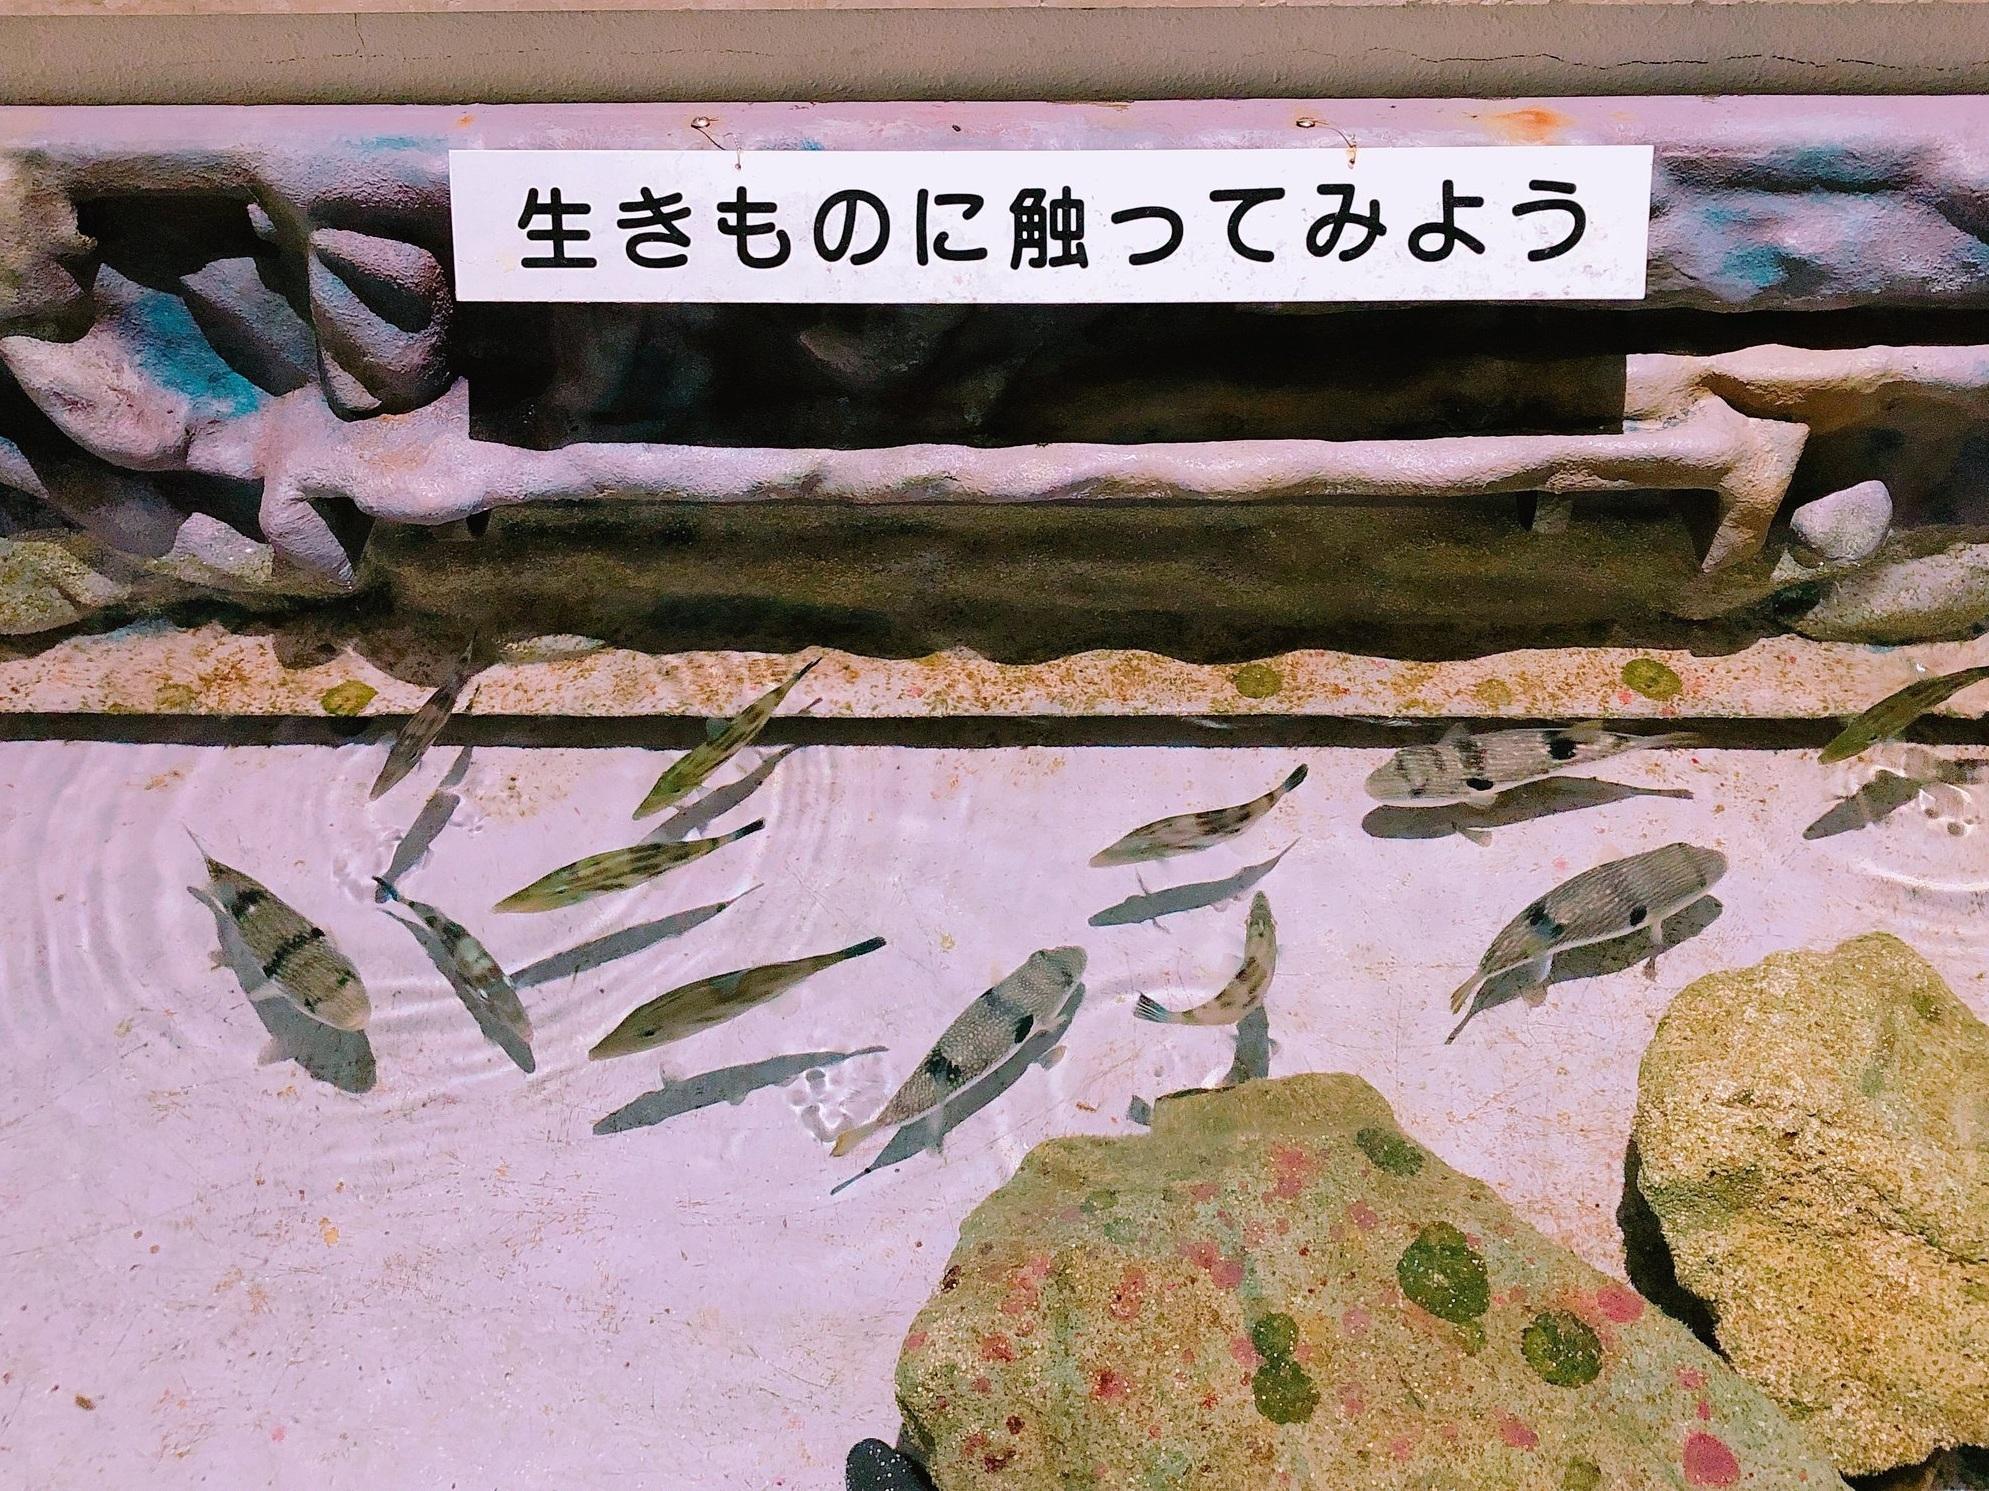 尖閣湾揚島遊園の水族館・魚たち